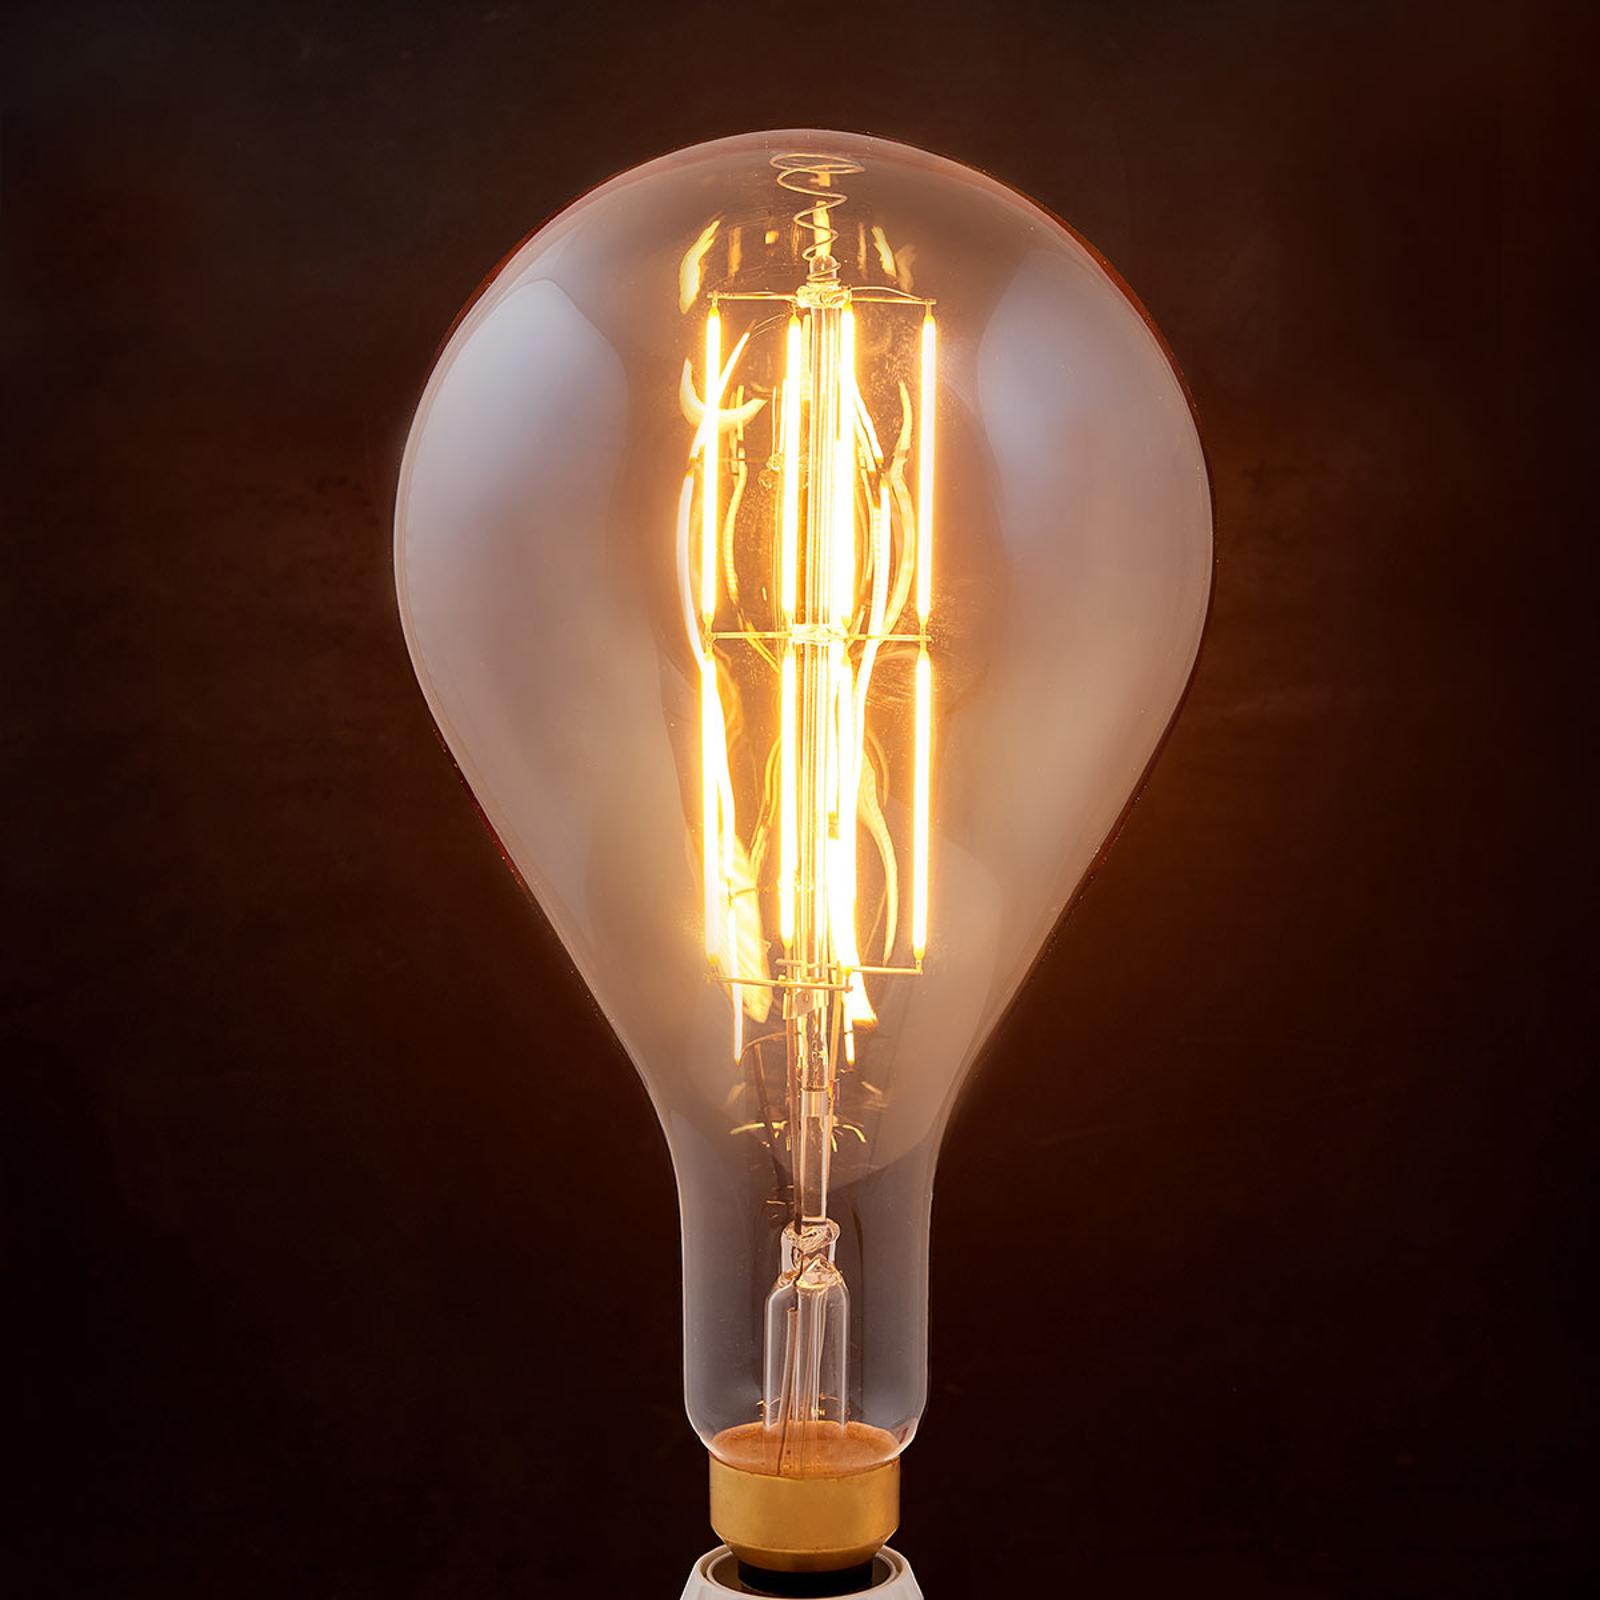 E27 LED-pære filament 8W 800lm 1 900K rav pære